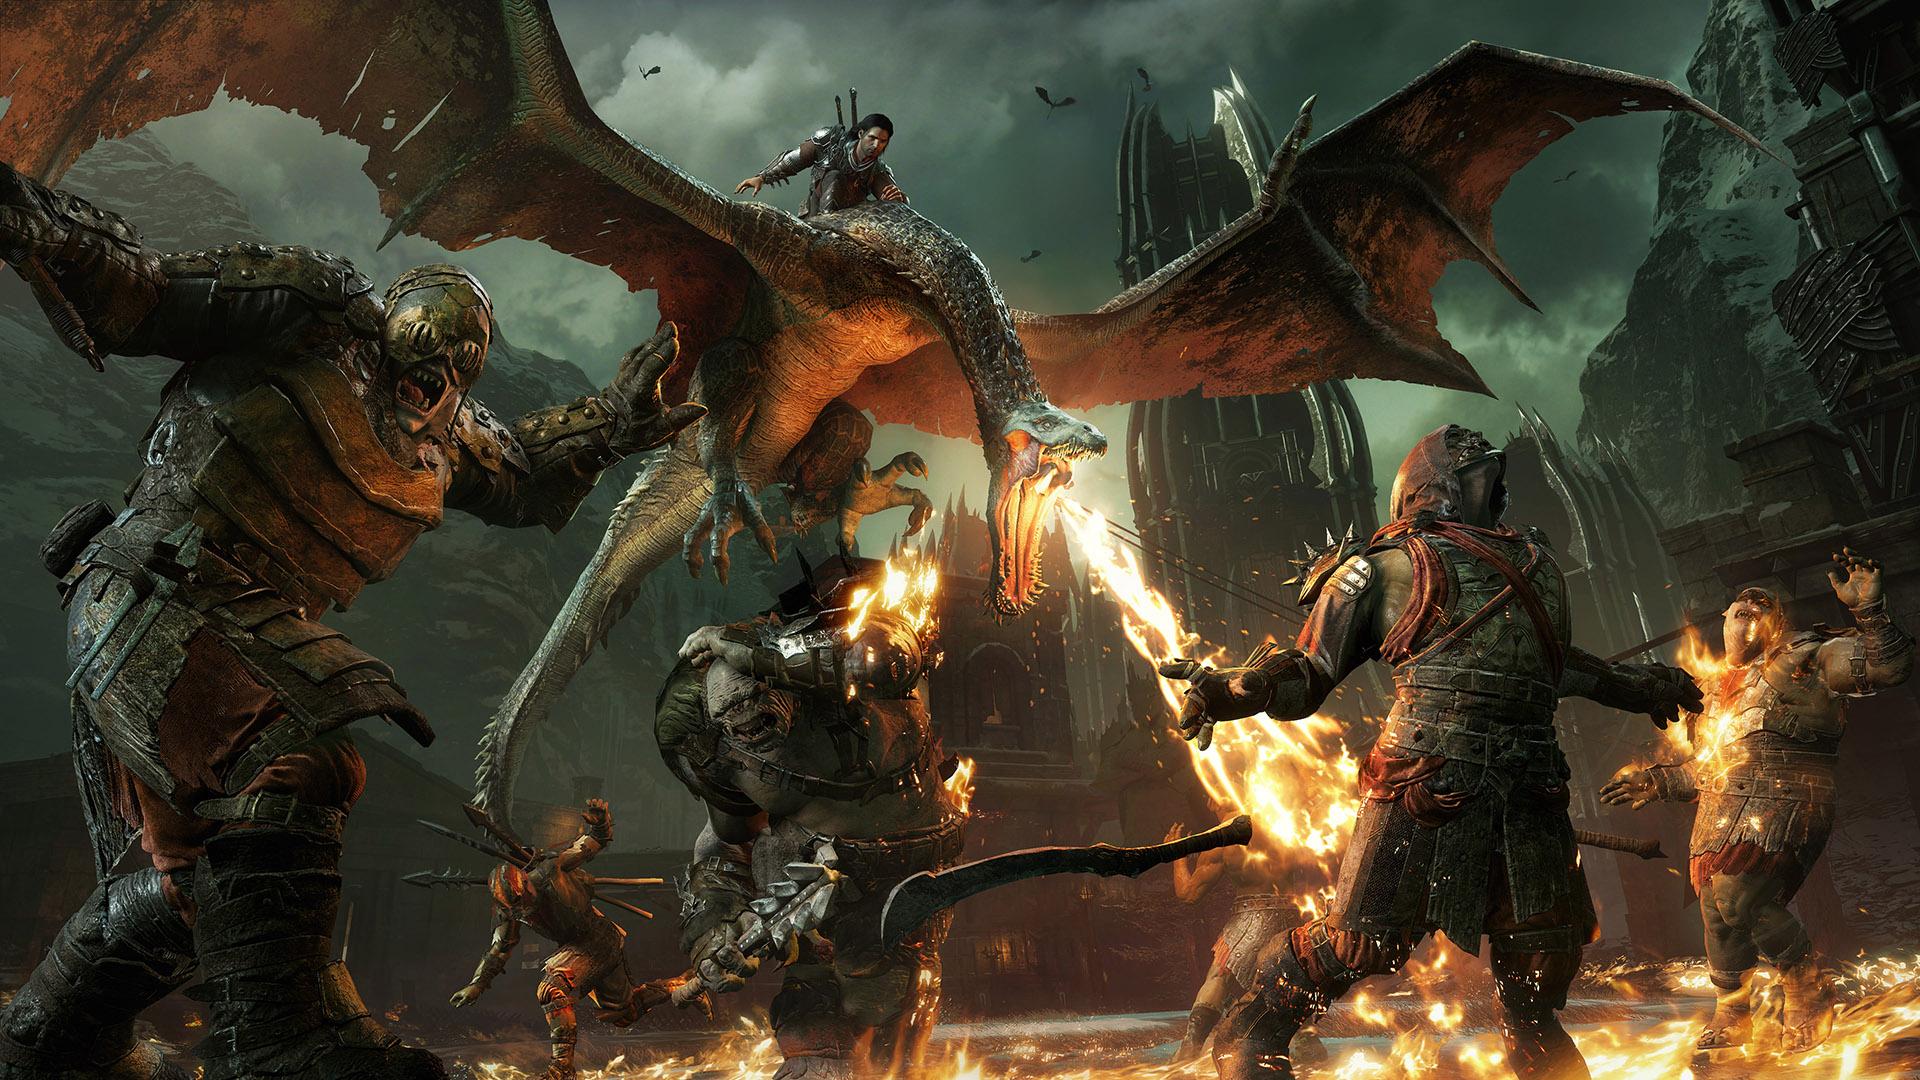 В трейлере Middle-earth: Shadow of War показали новое племя орков-охотников